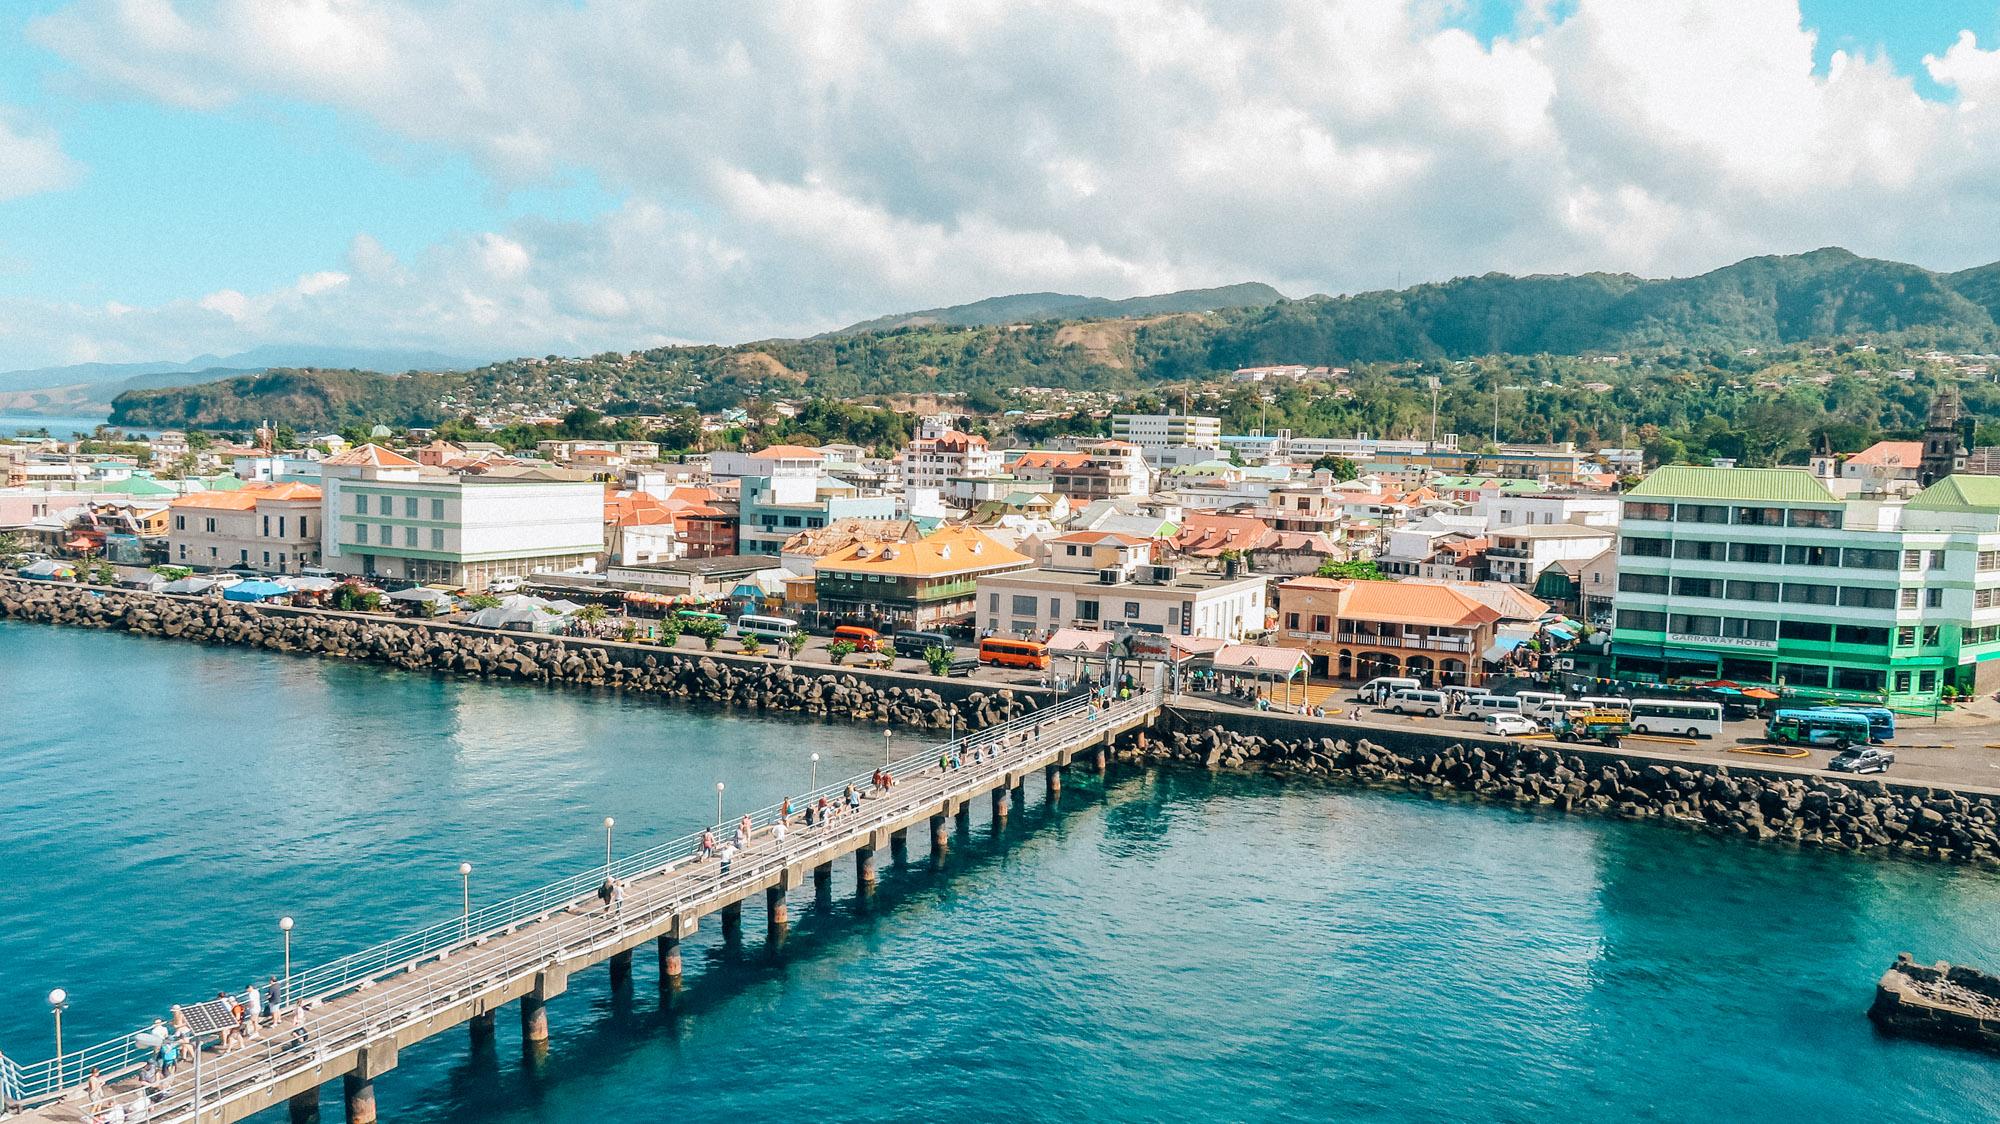 Dominica Karibik Kreuzfahrt Roseau Hafen